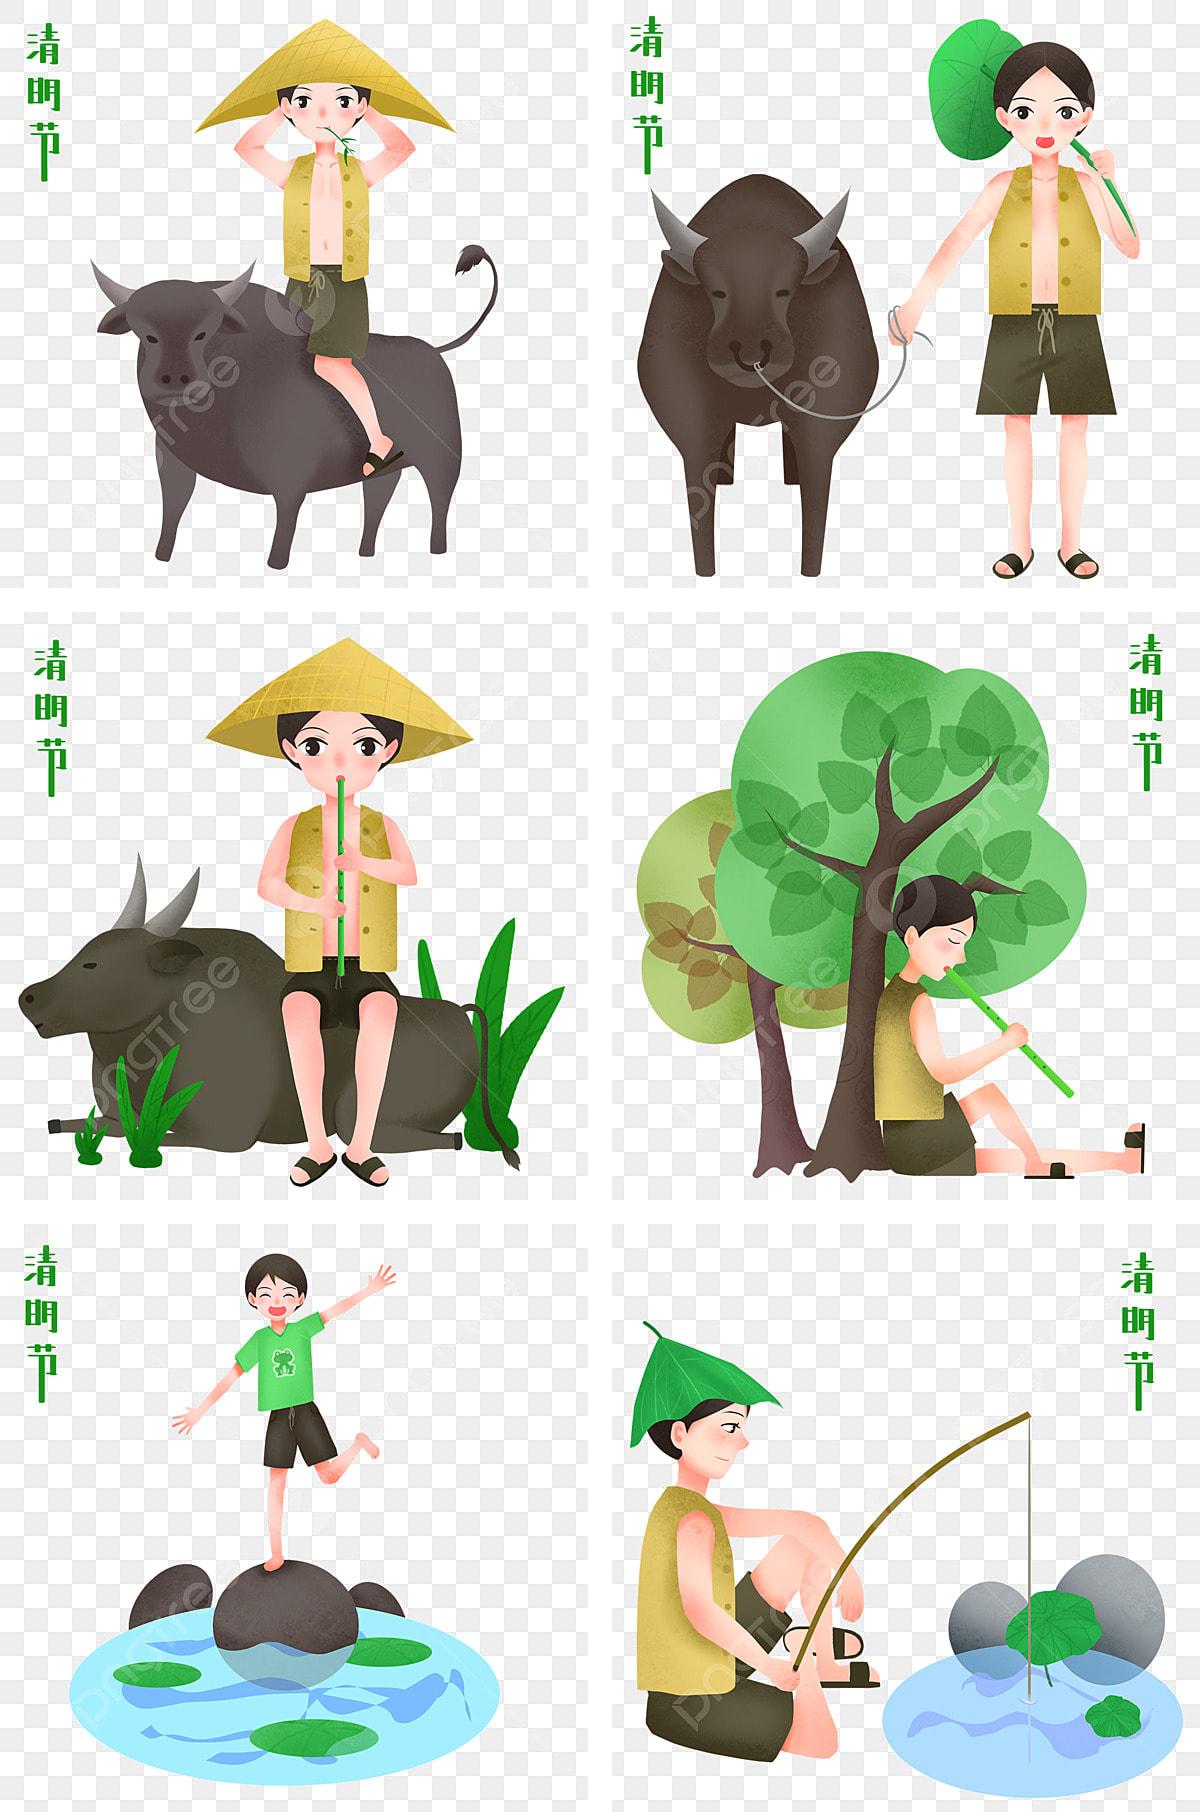 Tokoh Festival Ching Ming Mewarnai Koleksi Ilustrasi